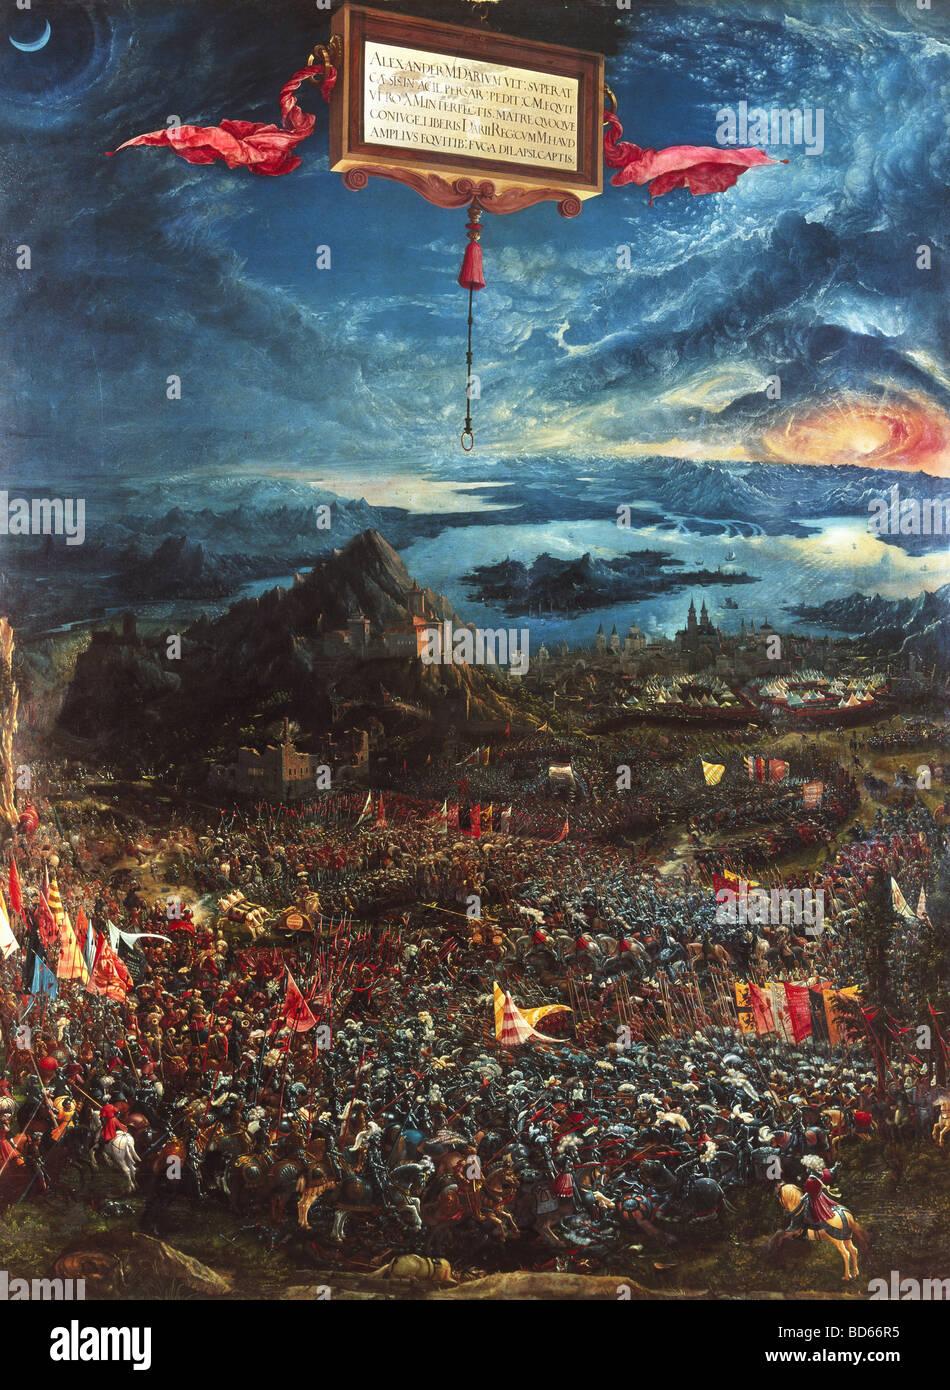 Belle arti, Altdorfer, Albrecht (1480 - 1538) dipinto 'Alexanderschlacht', (battaglia di Alessandro il Grande), Immagini Stock